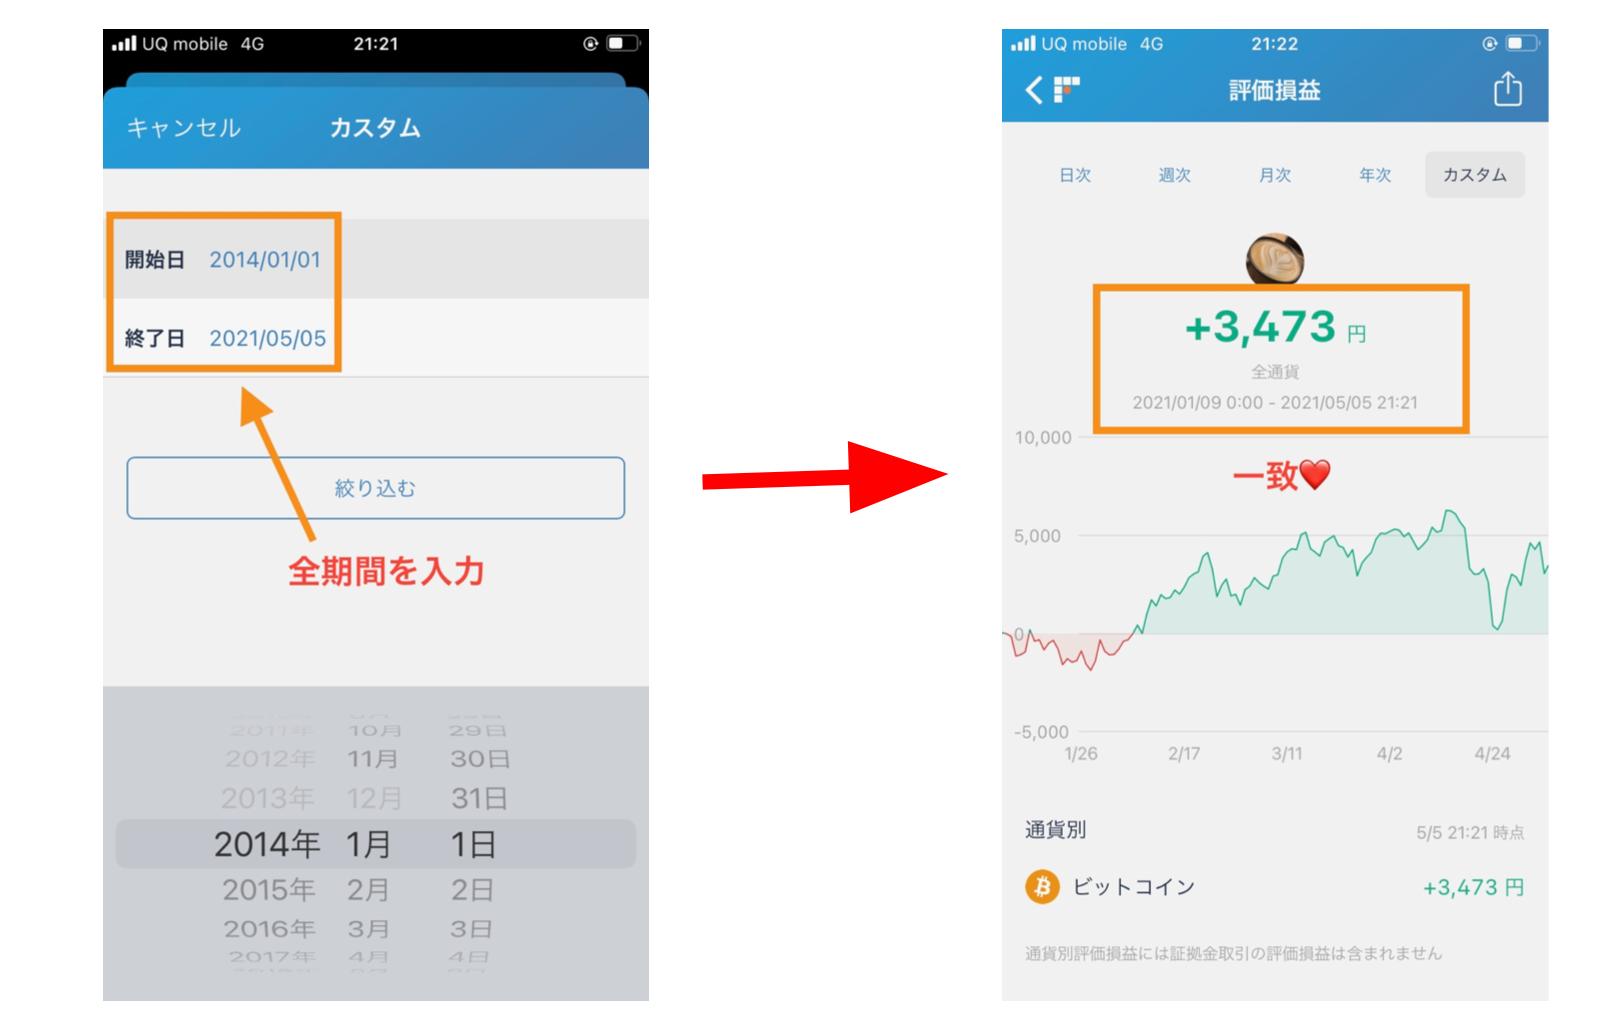 仮想通貨 取得単価 計算方法